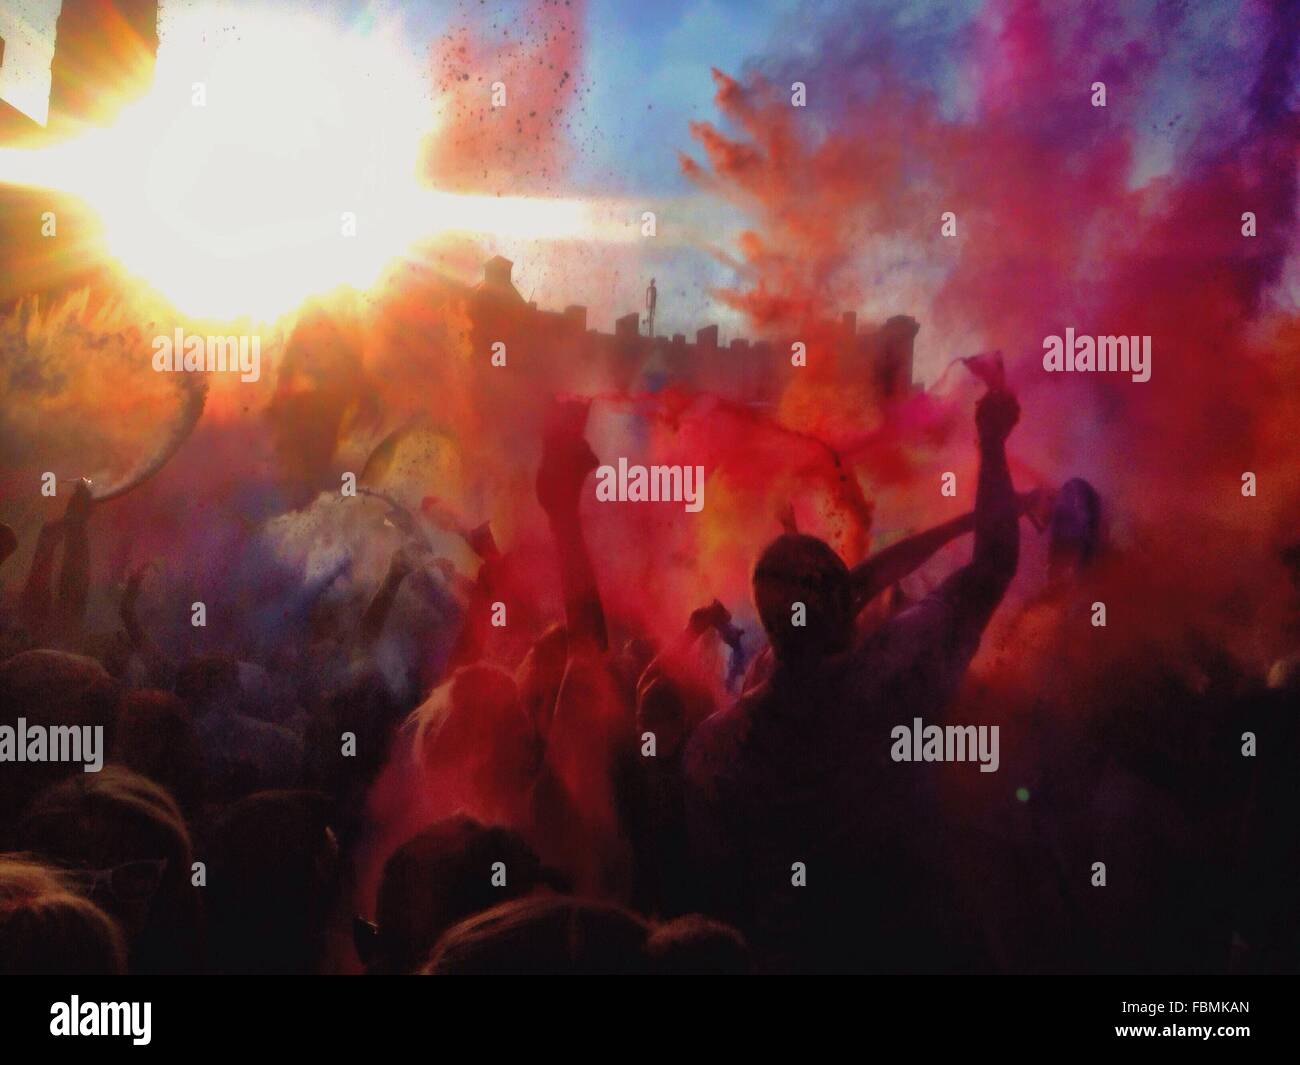 People Enjoying Holi Festival - Stock Image